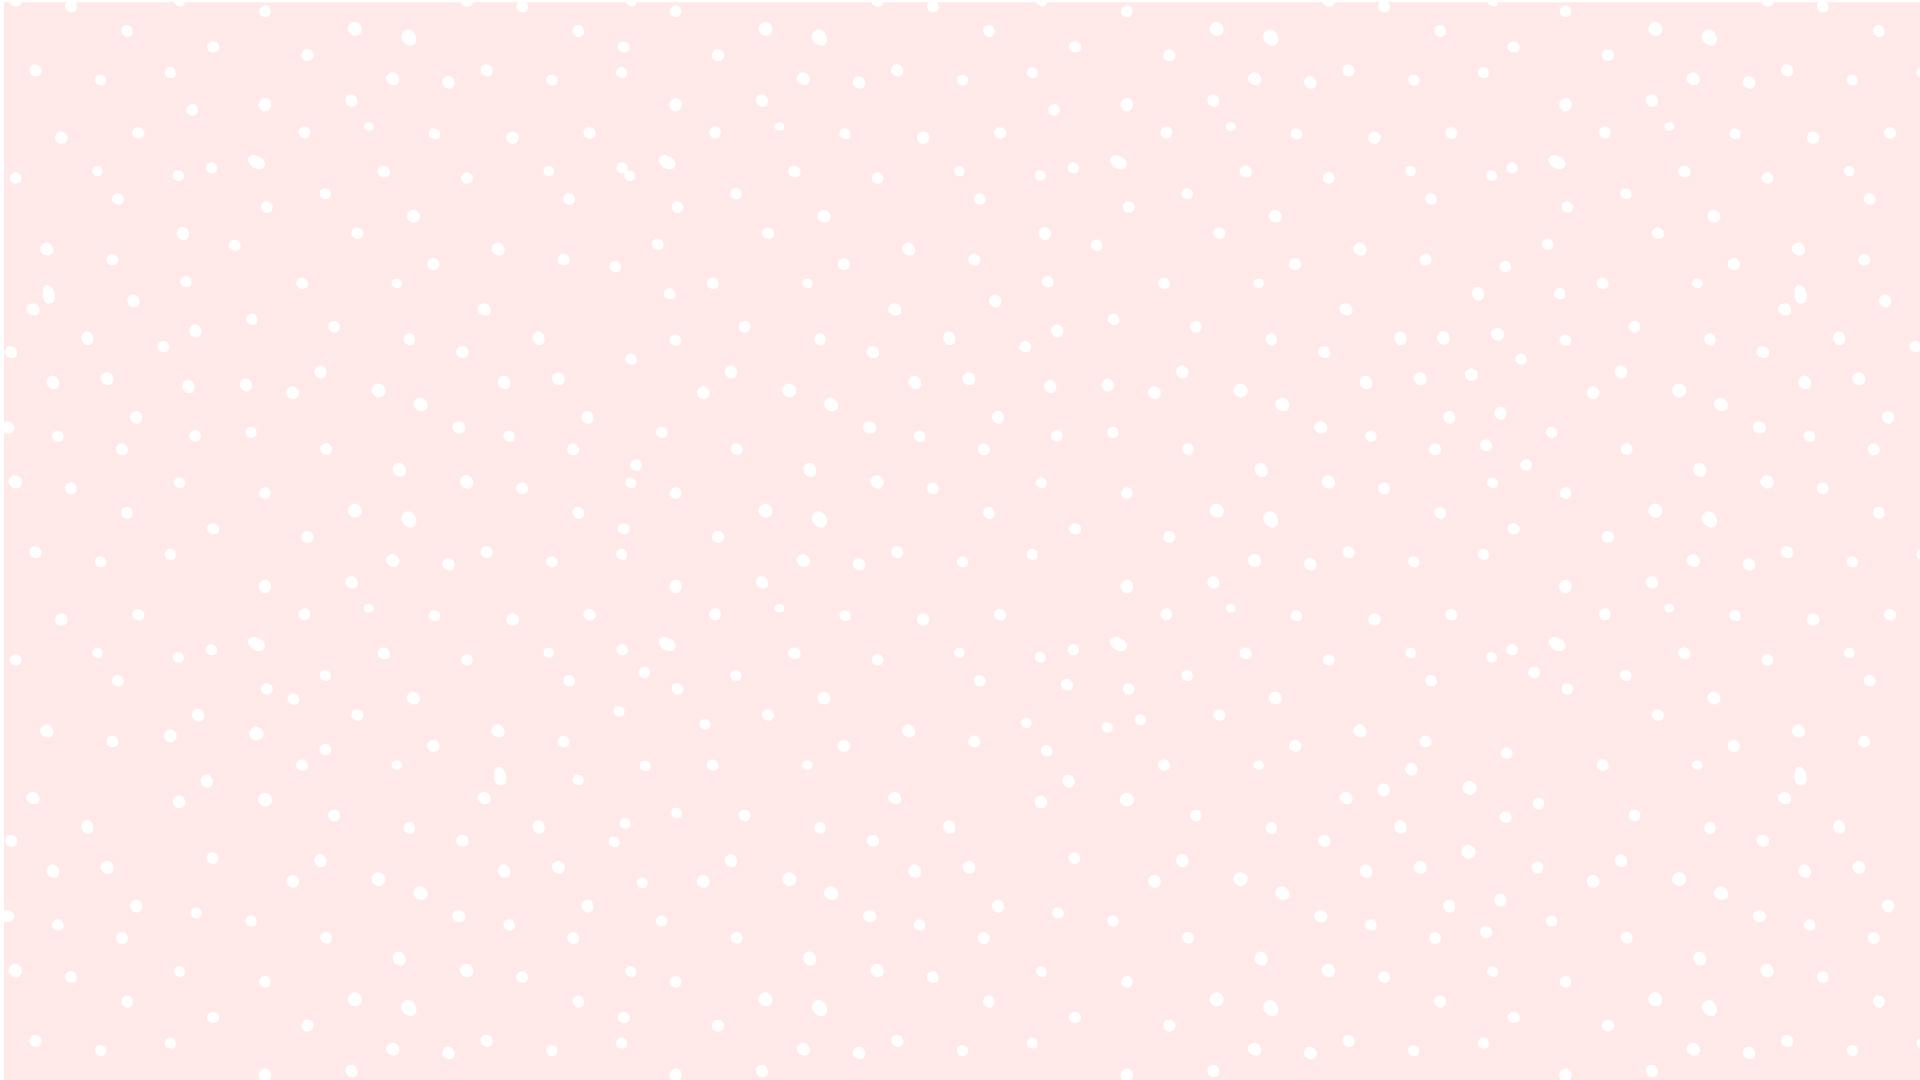 Pattern_DotCircles_FullPink